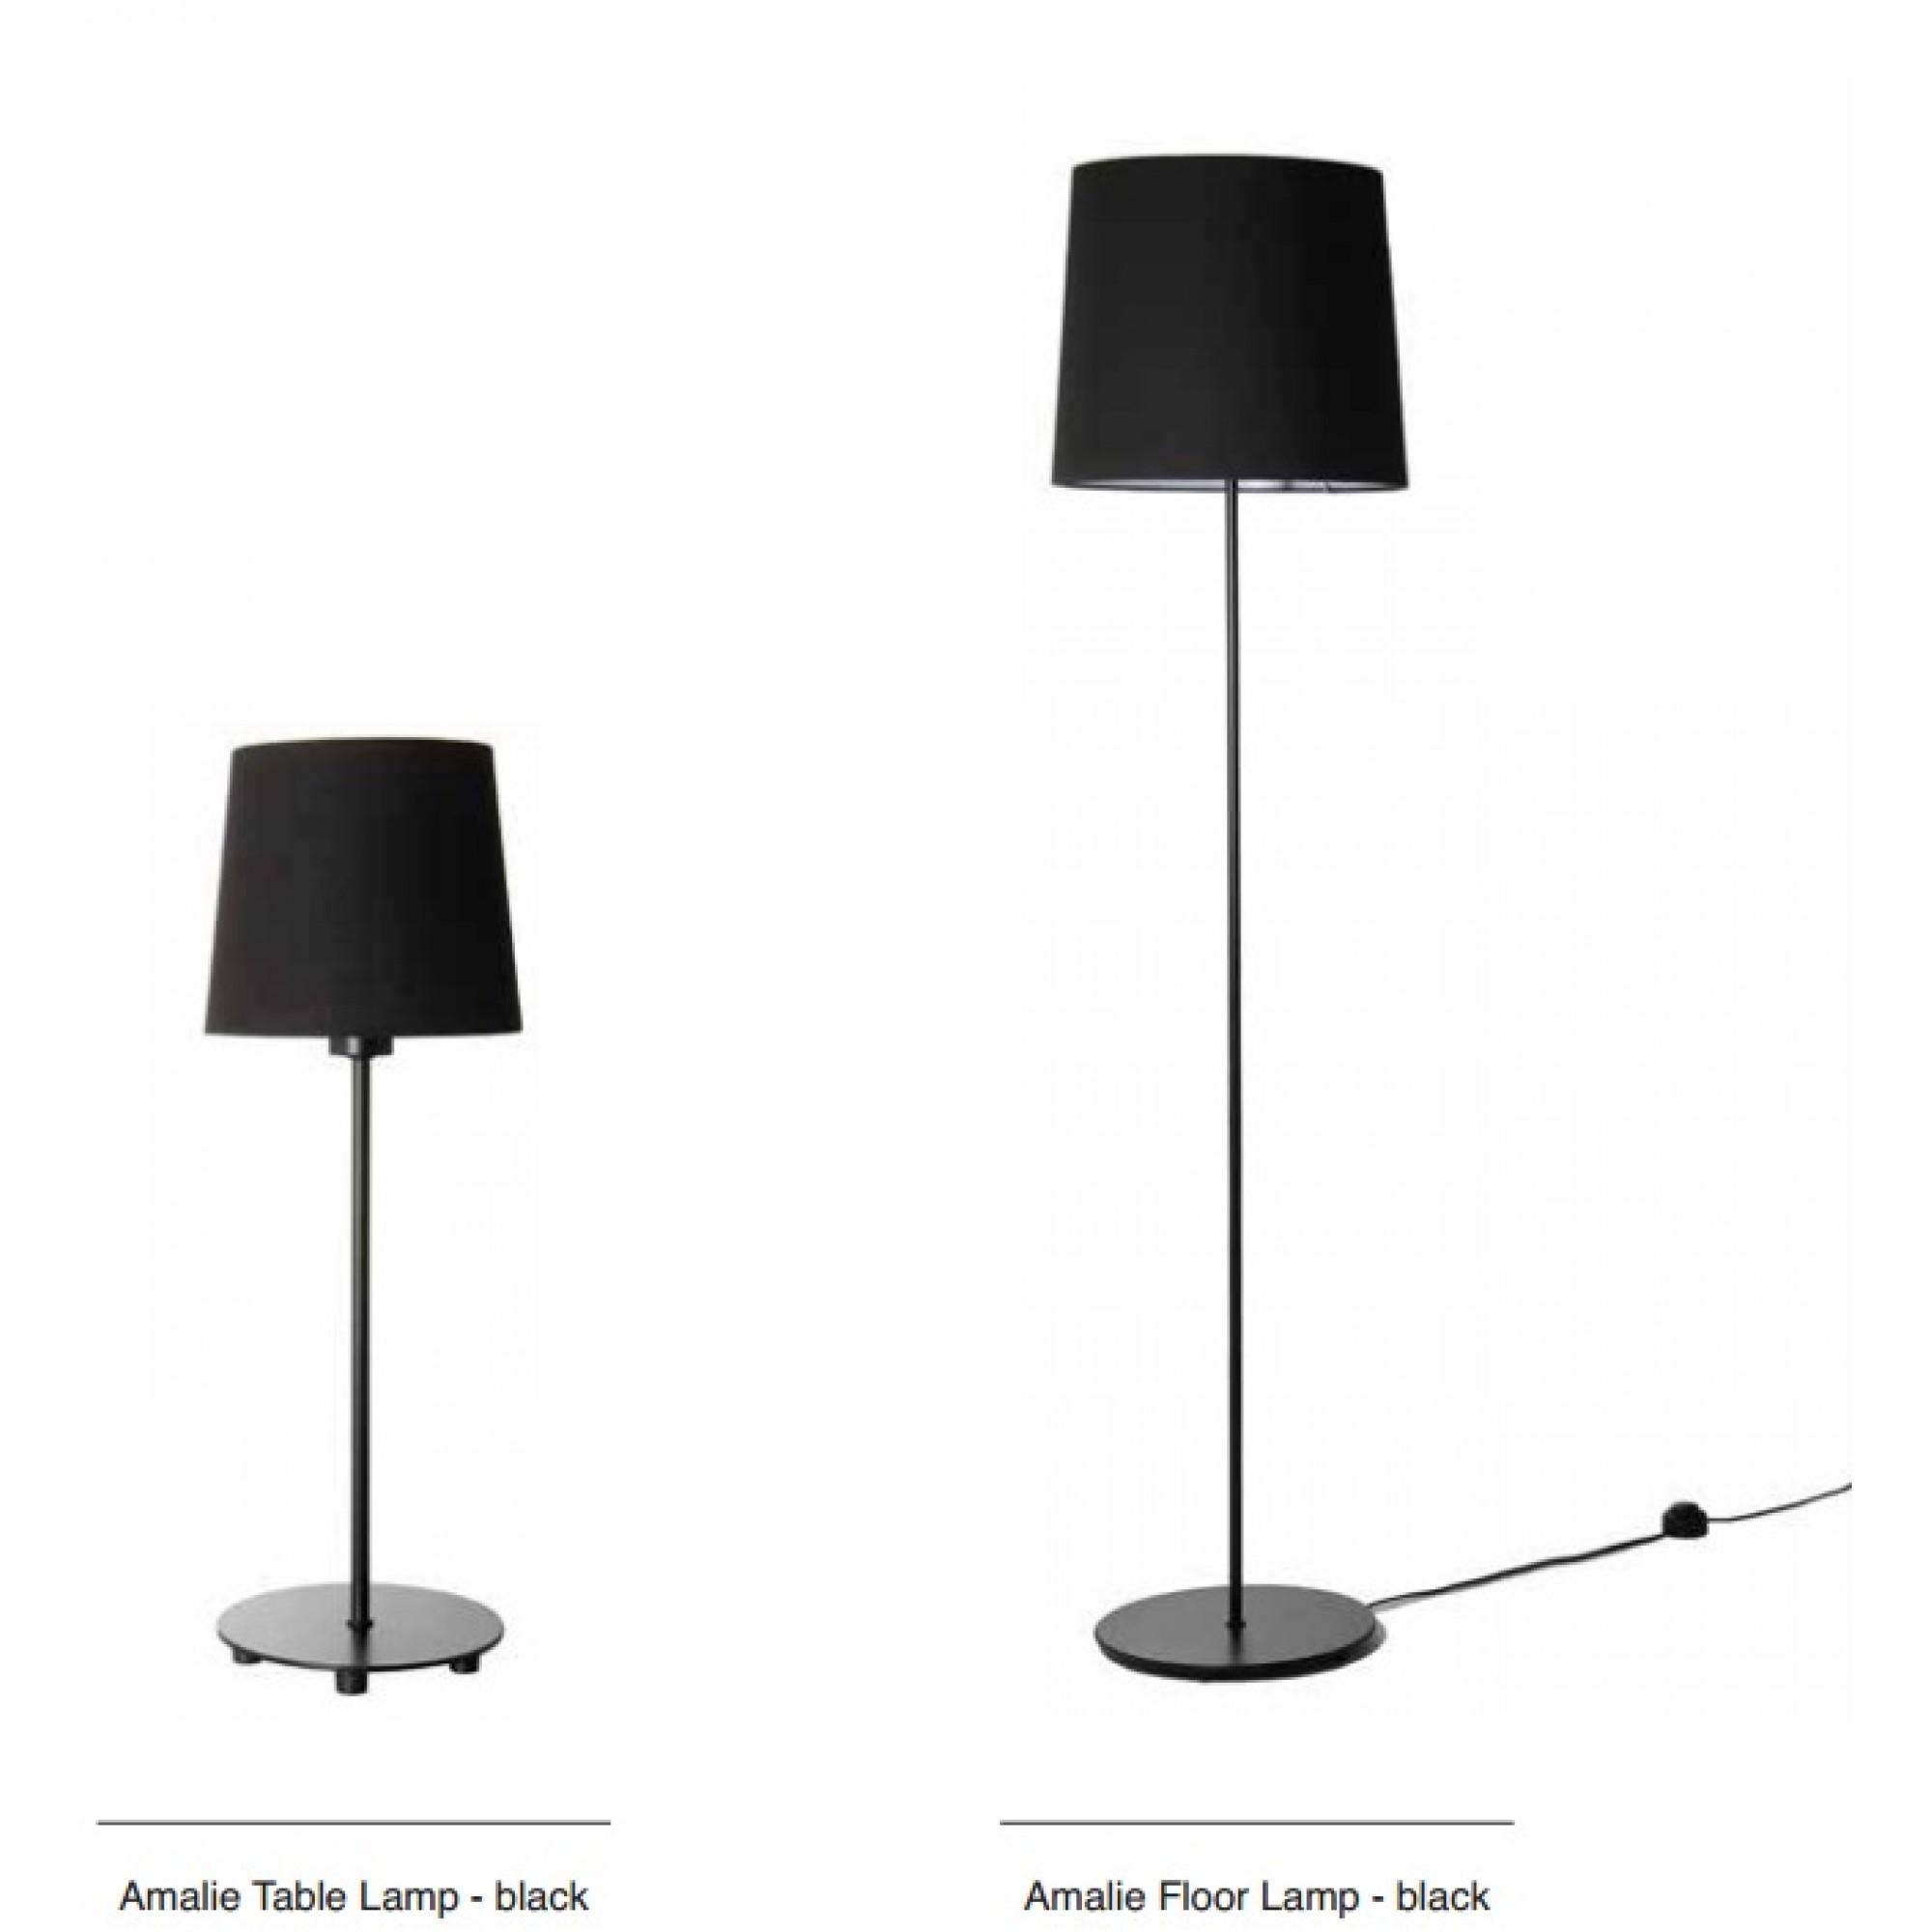 den-san-LAMP015